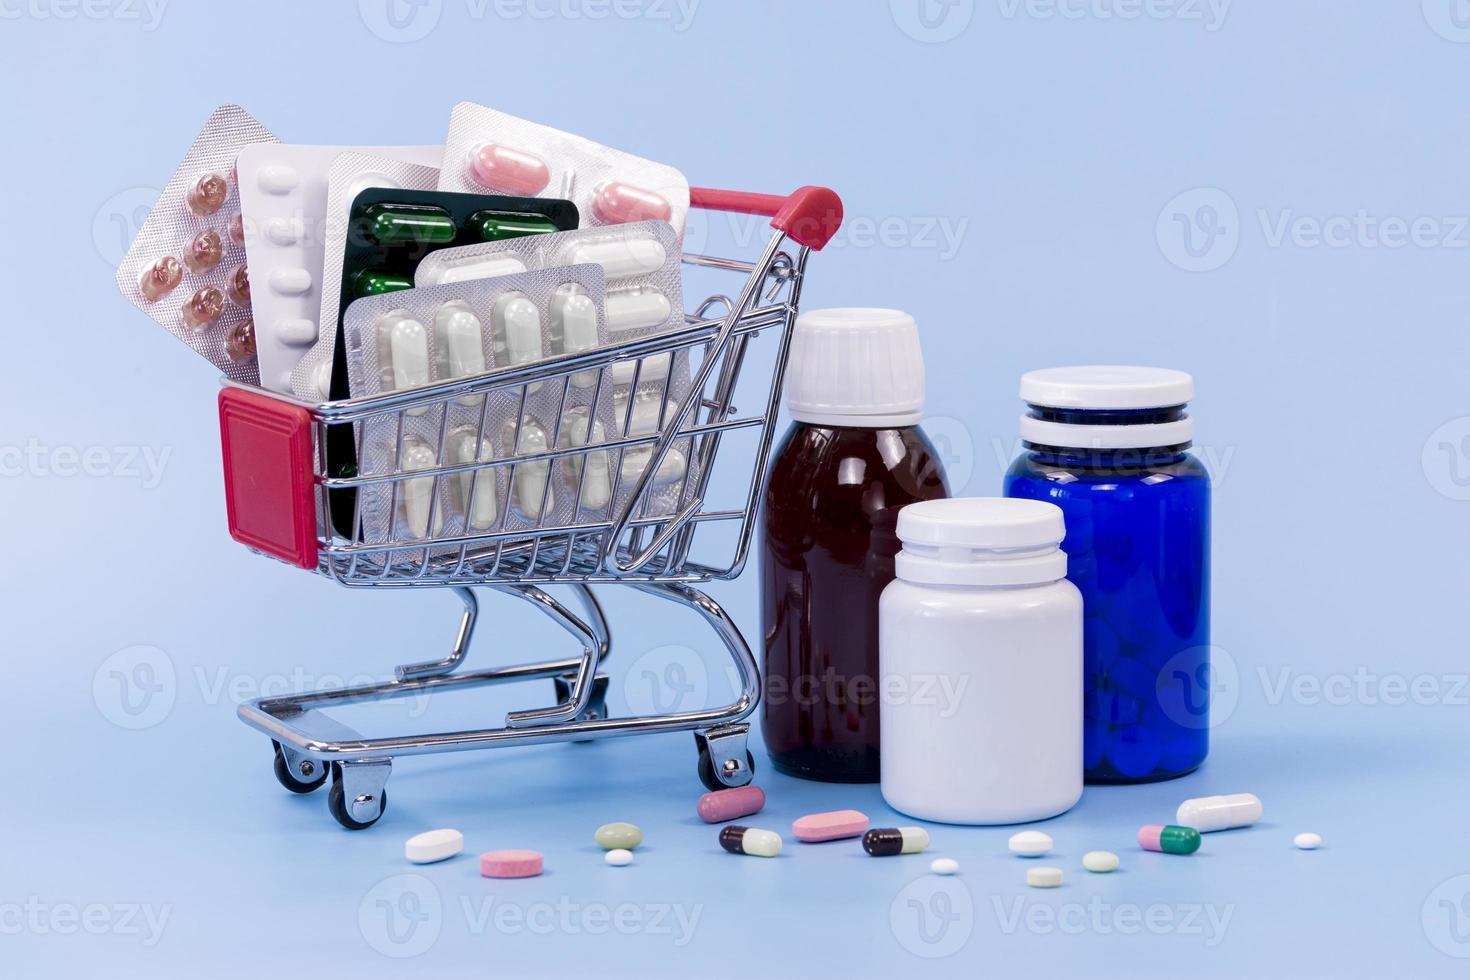 hög vinkel piller finoljor och plastbehållare med miniatyr kundvagn på blå bakgrund foto